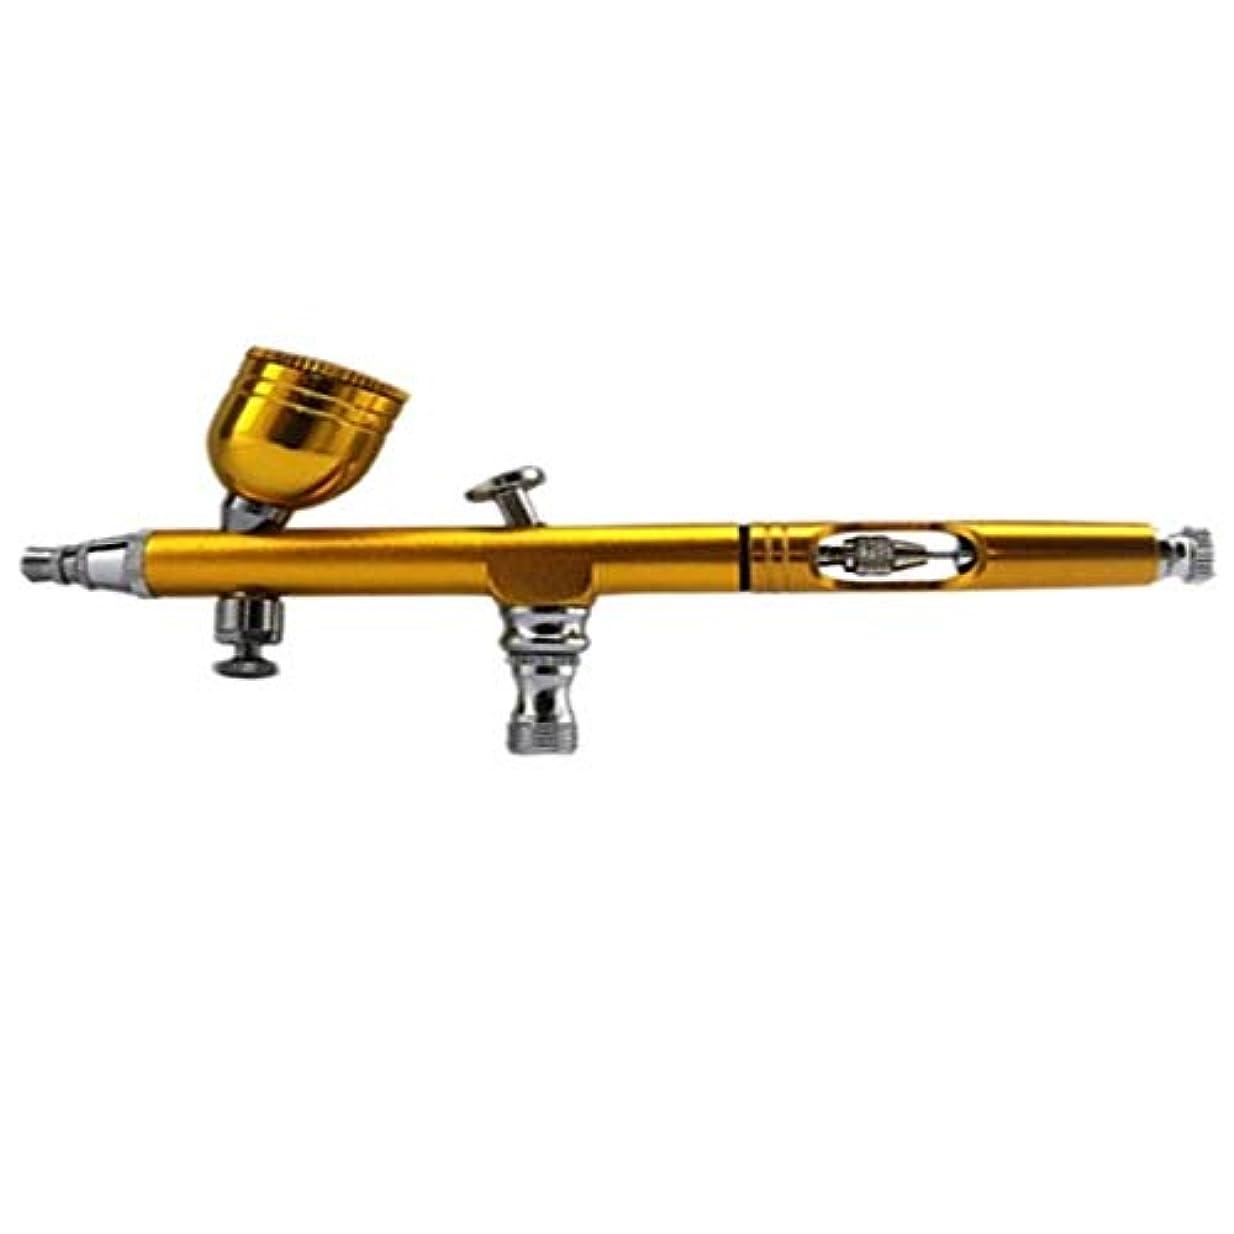 脚本大洪水紳士MEI1JIA ネイルアートペイントタトゥーエアブラシ用CELINEZLエアブラシスプレーツール (色 : Golden)